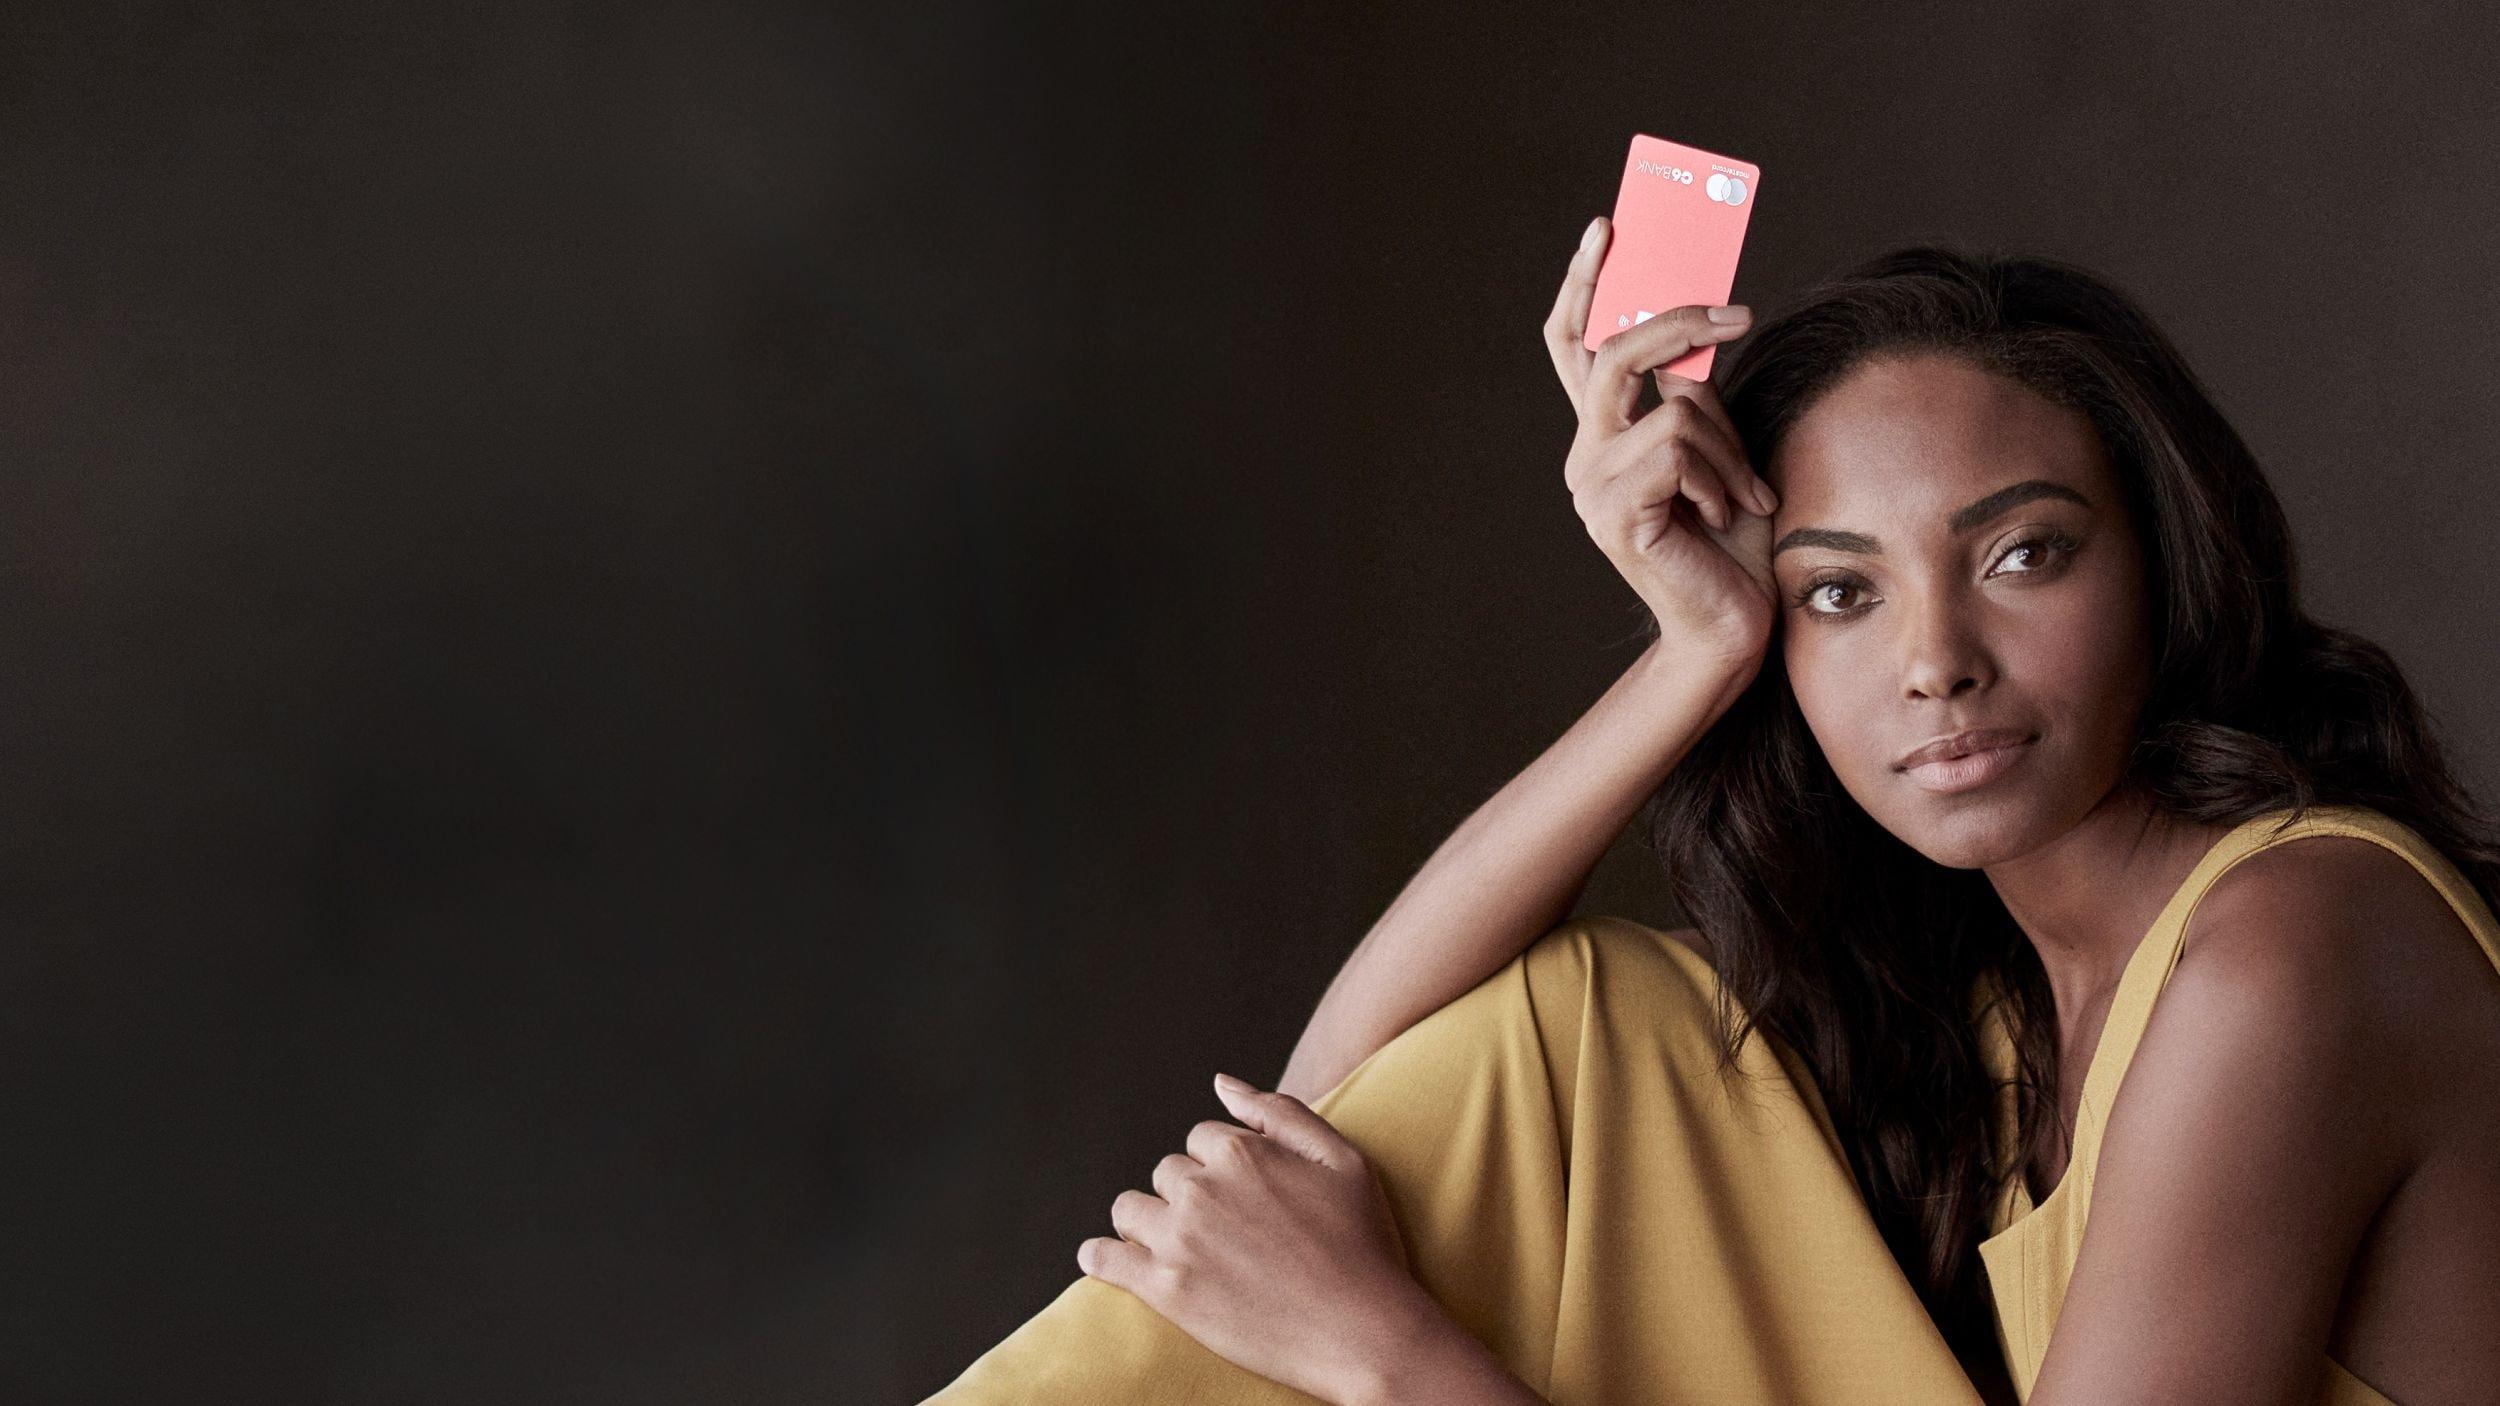 Melhores cartões de crédito sem anuidade para 2020 C6